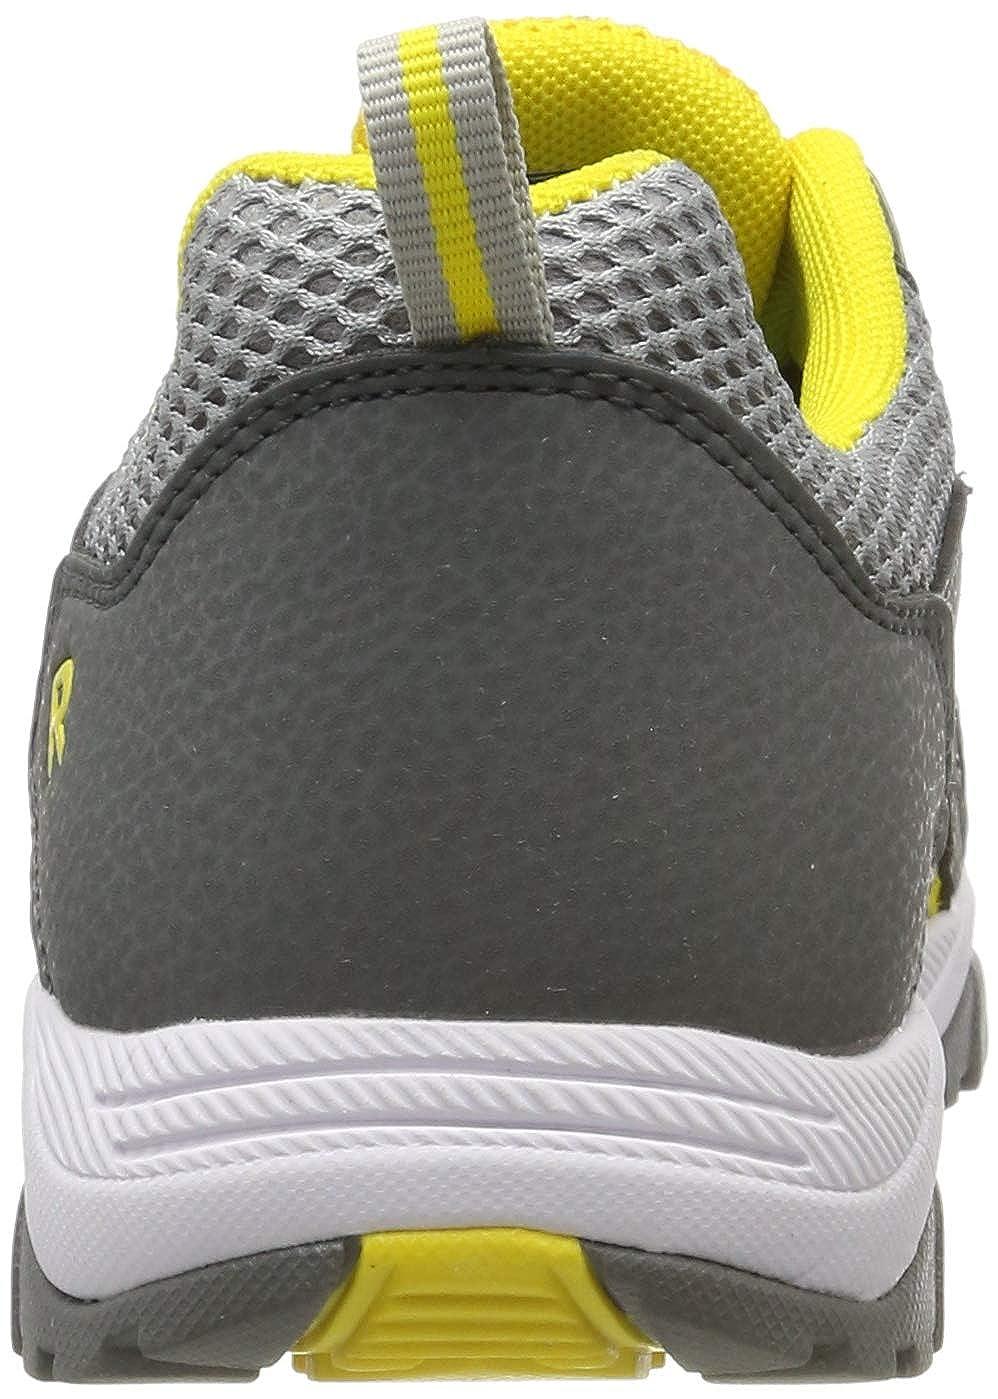 Richter Kinderschuhe Boys/' Future Running Shoes